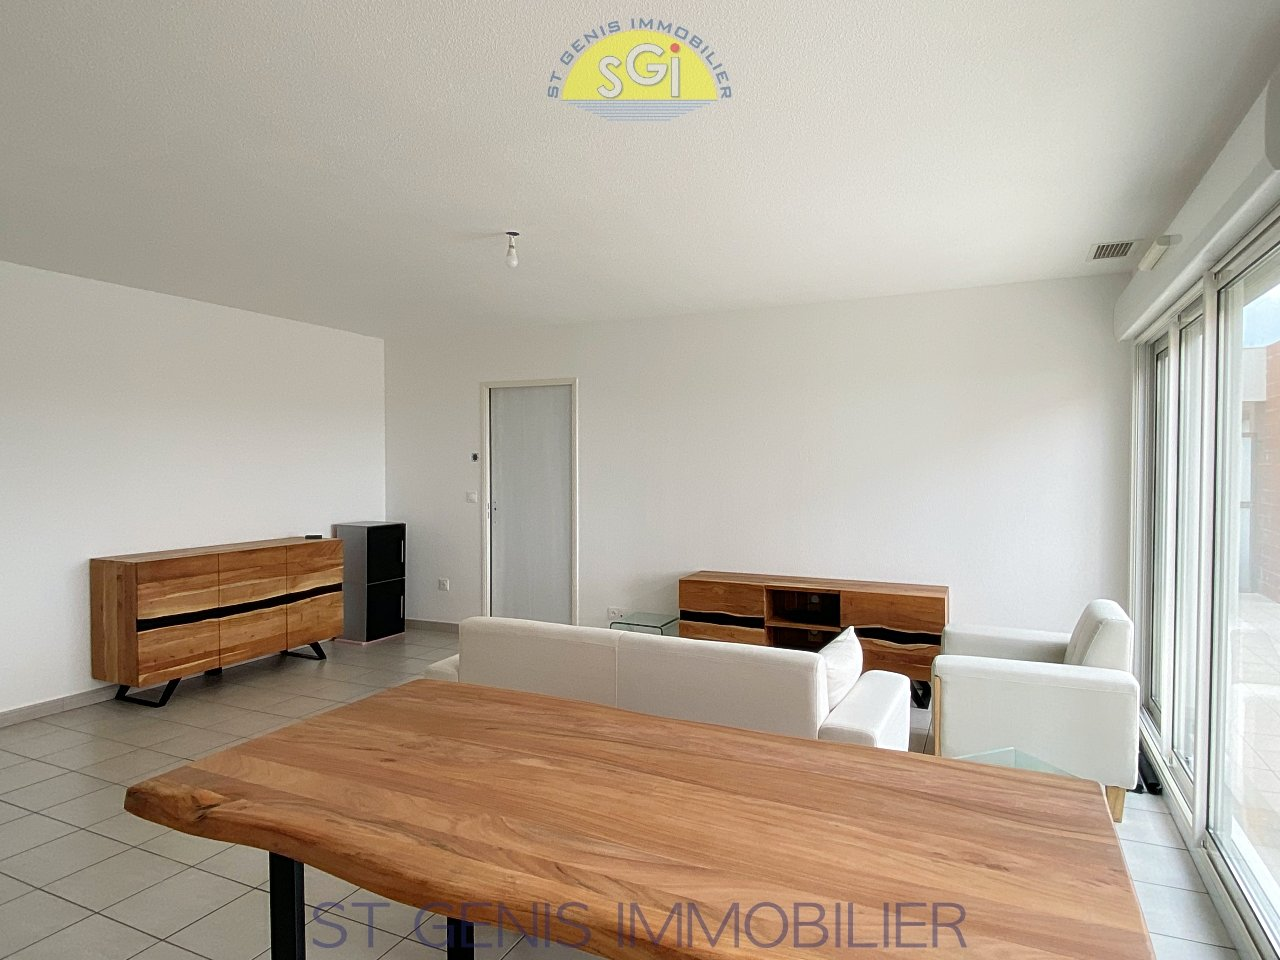 Appartement avec vue sur le Canigou